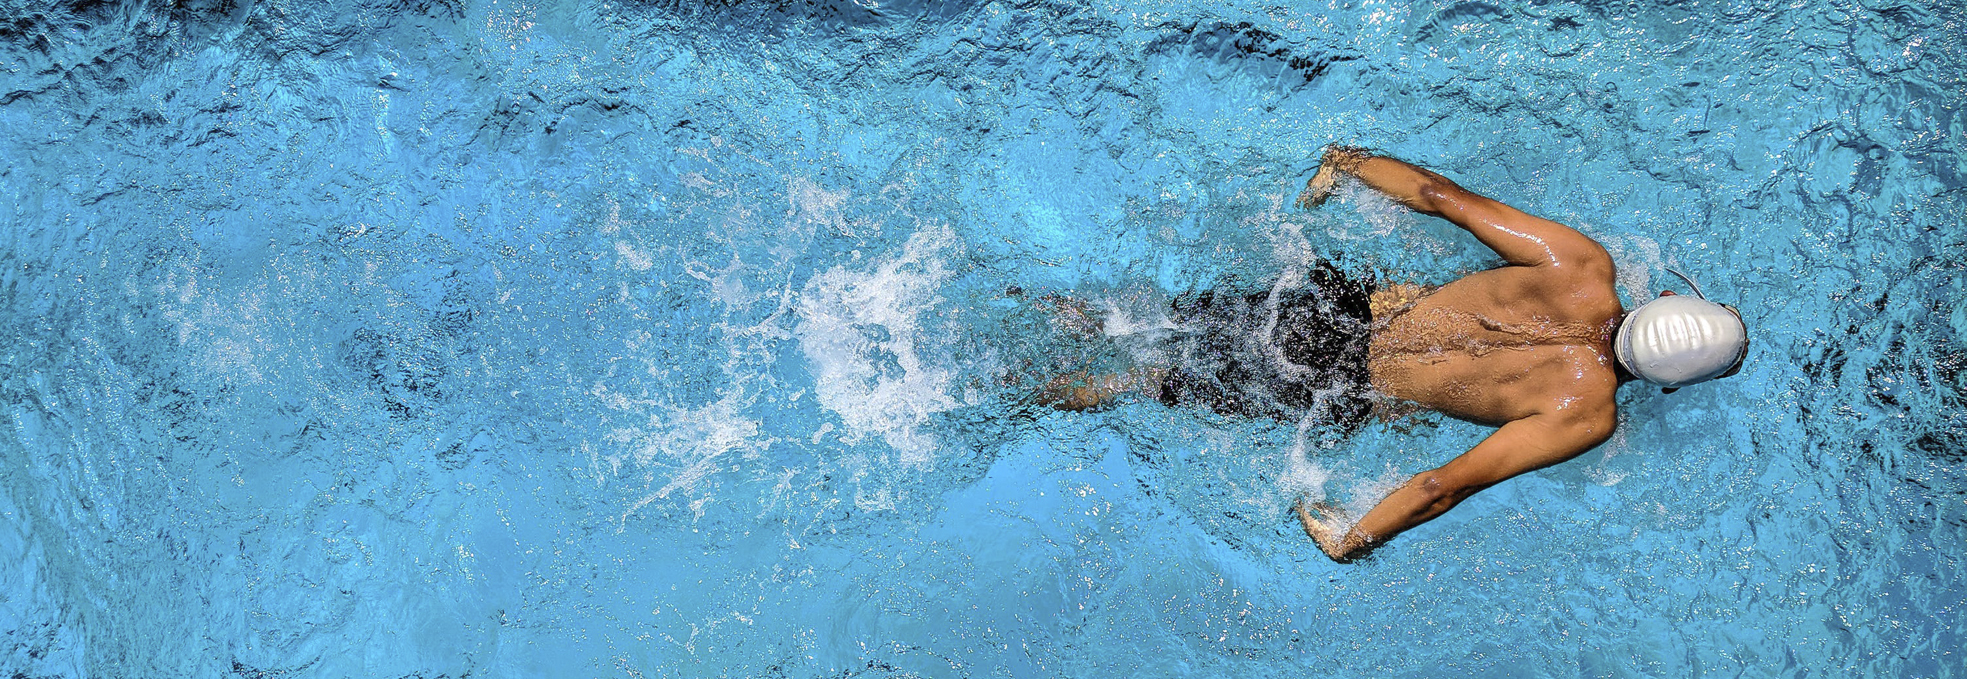 Zwemmen streamer